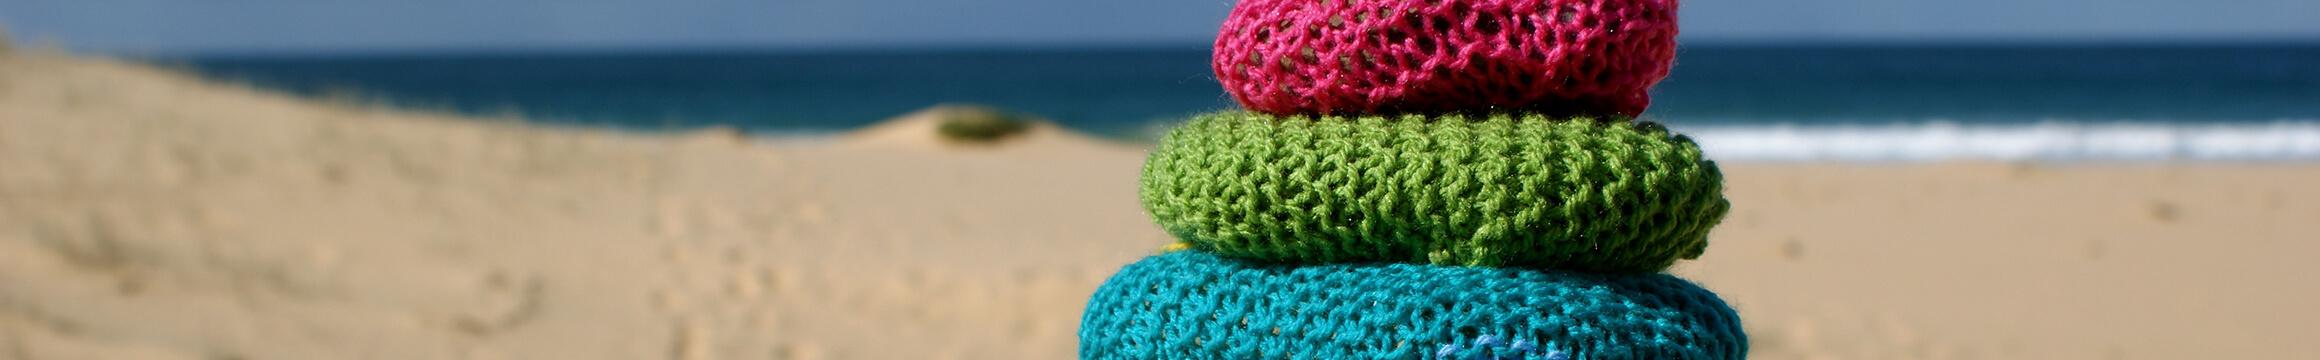 Knitting 10